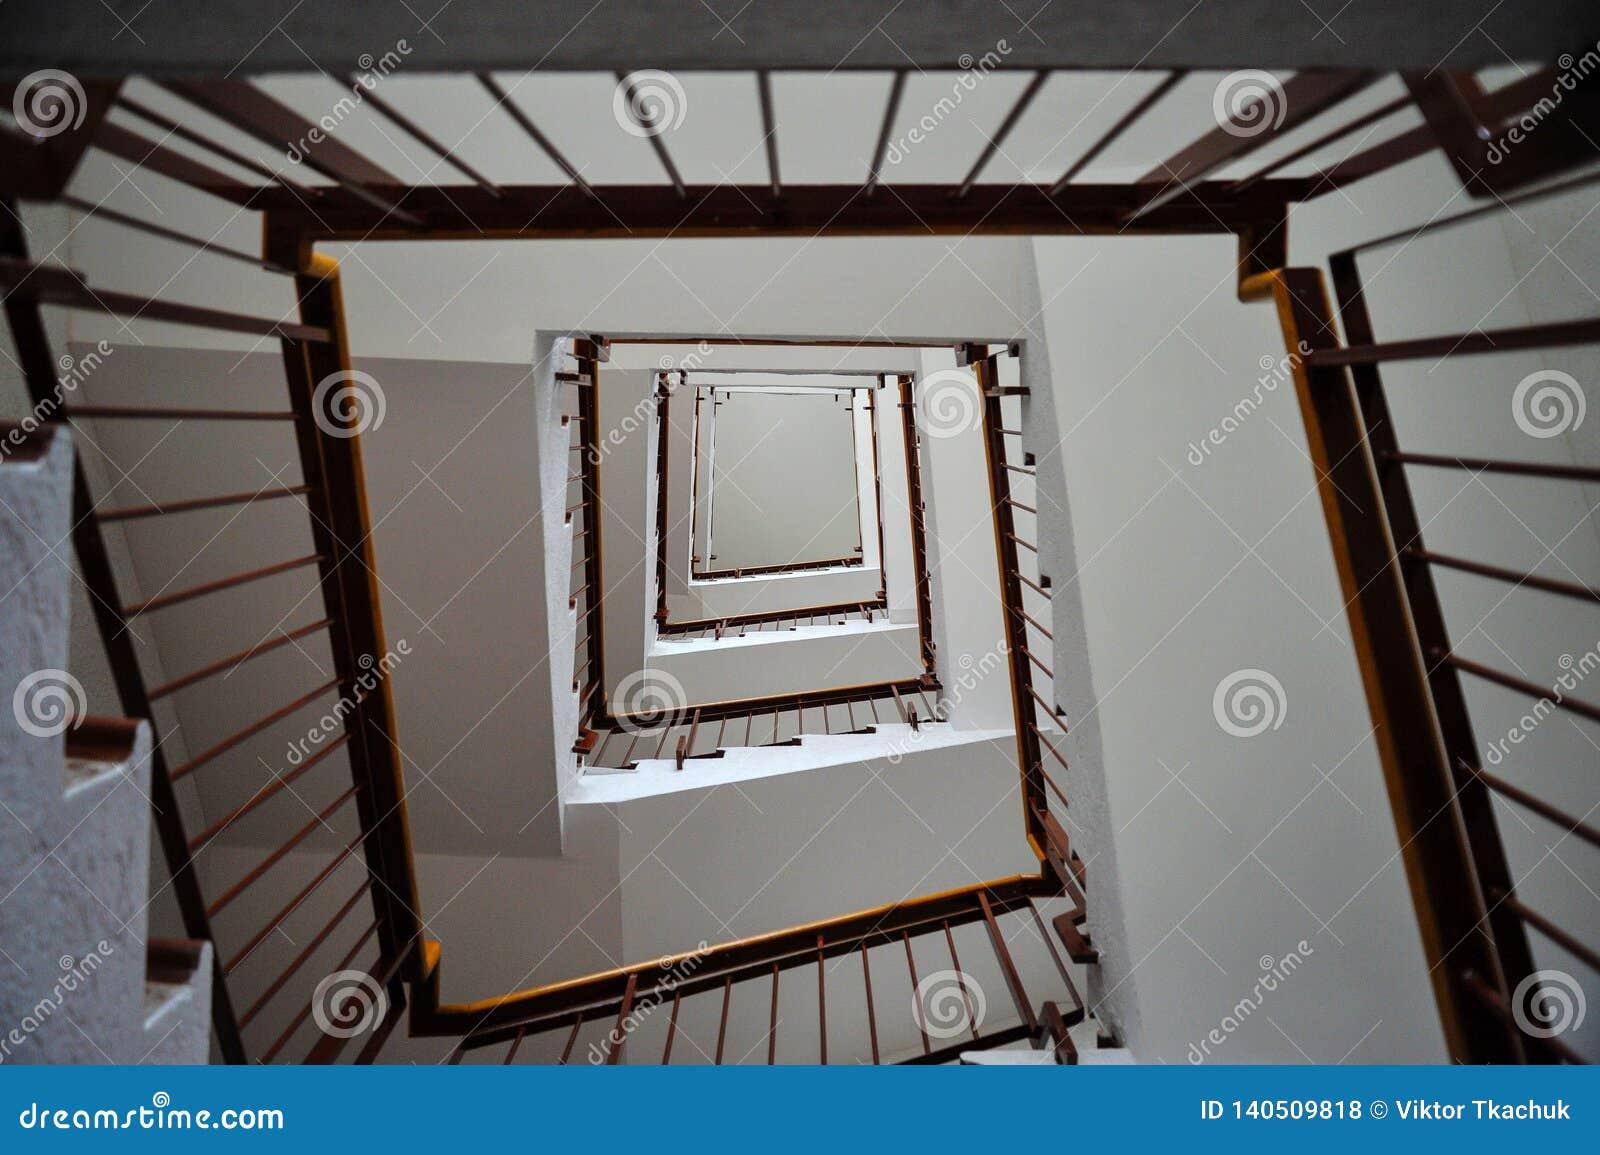 Escalier dans un gratte-ciel avec des balustrades